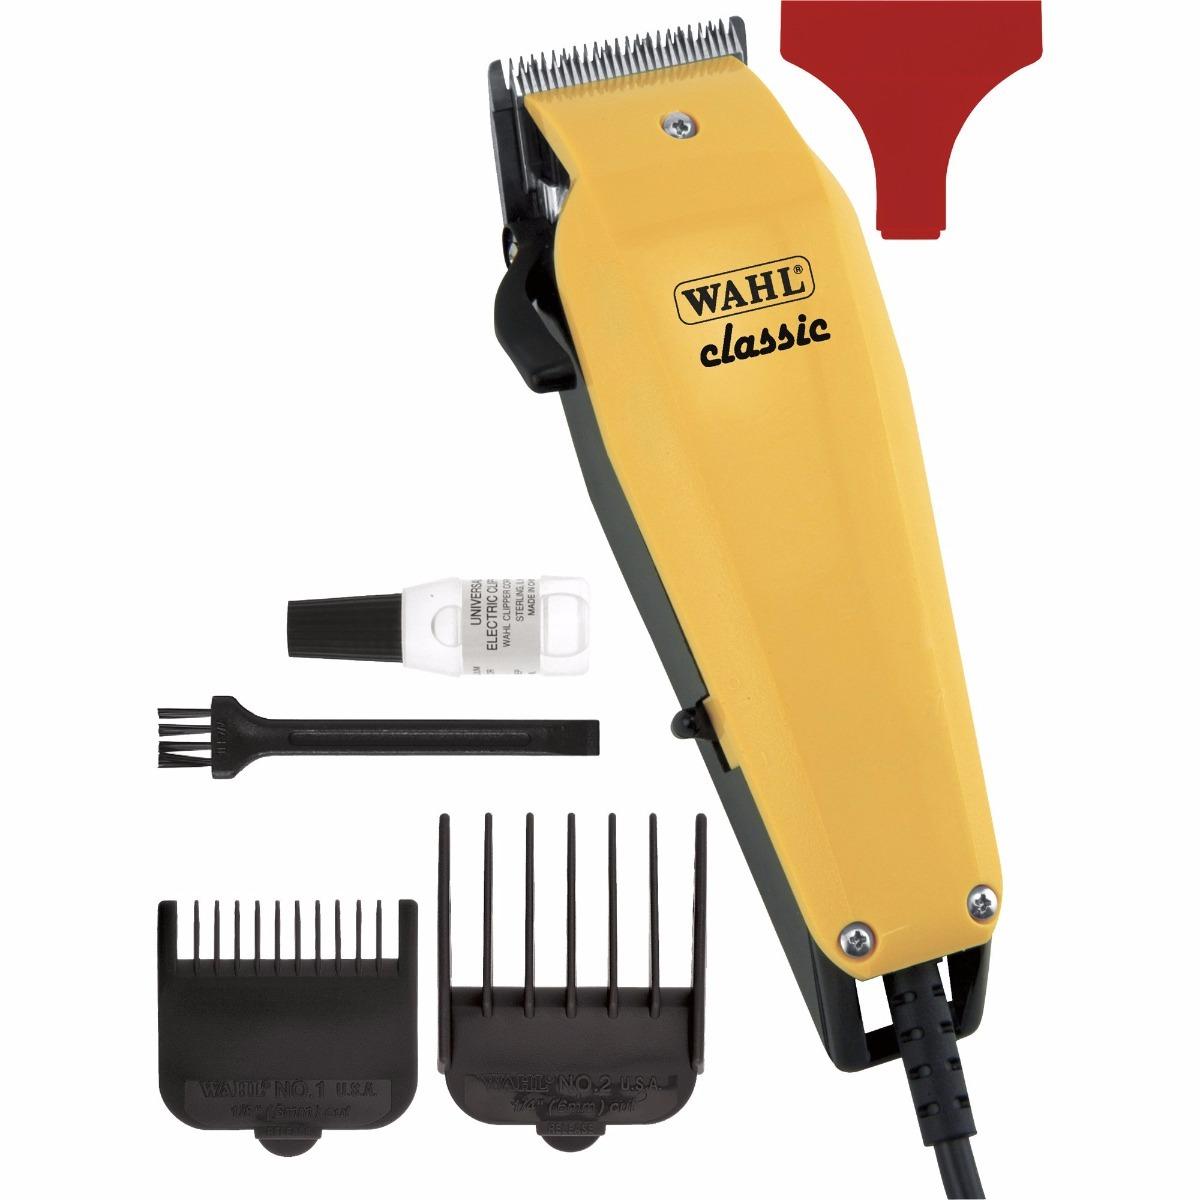 508718bbc máquina de cortar cabelo wahl classic 127v amarelo original. Carregando  zoom.